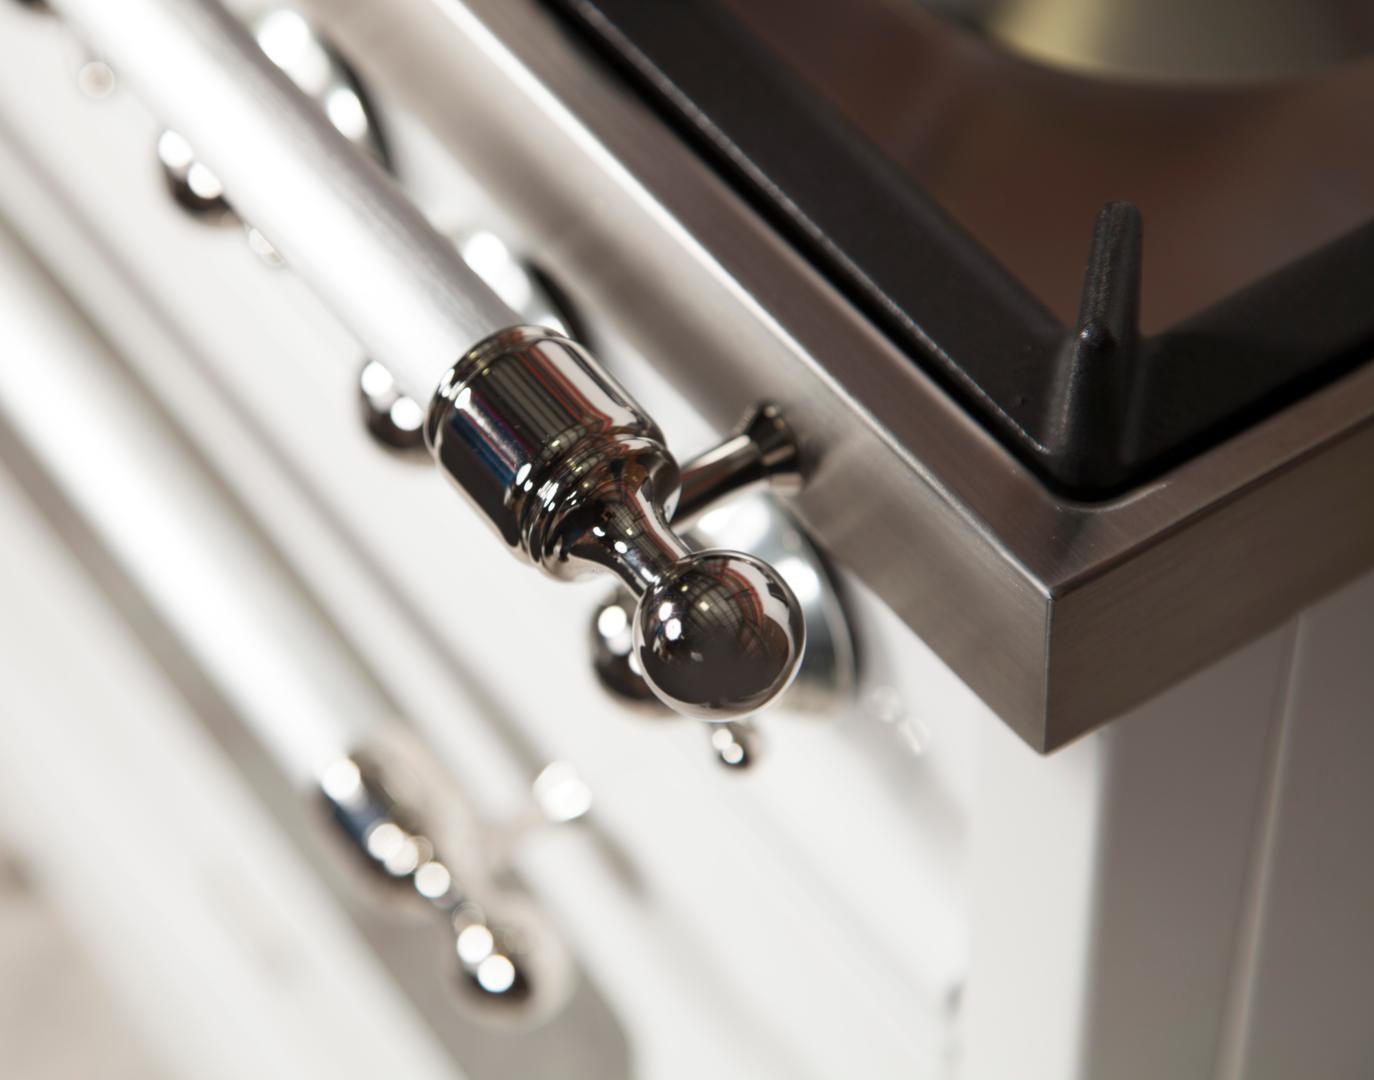 Ilve Nostalgie UPN120FDMPBXLP Freestanding Dual Fuel Range White, UPN120FDMPBXLP Details 3